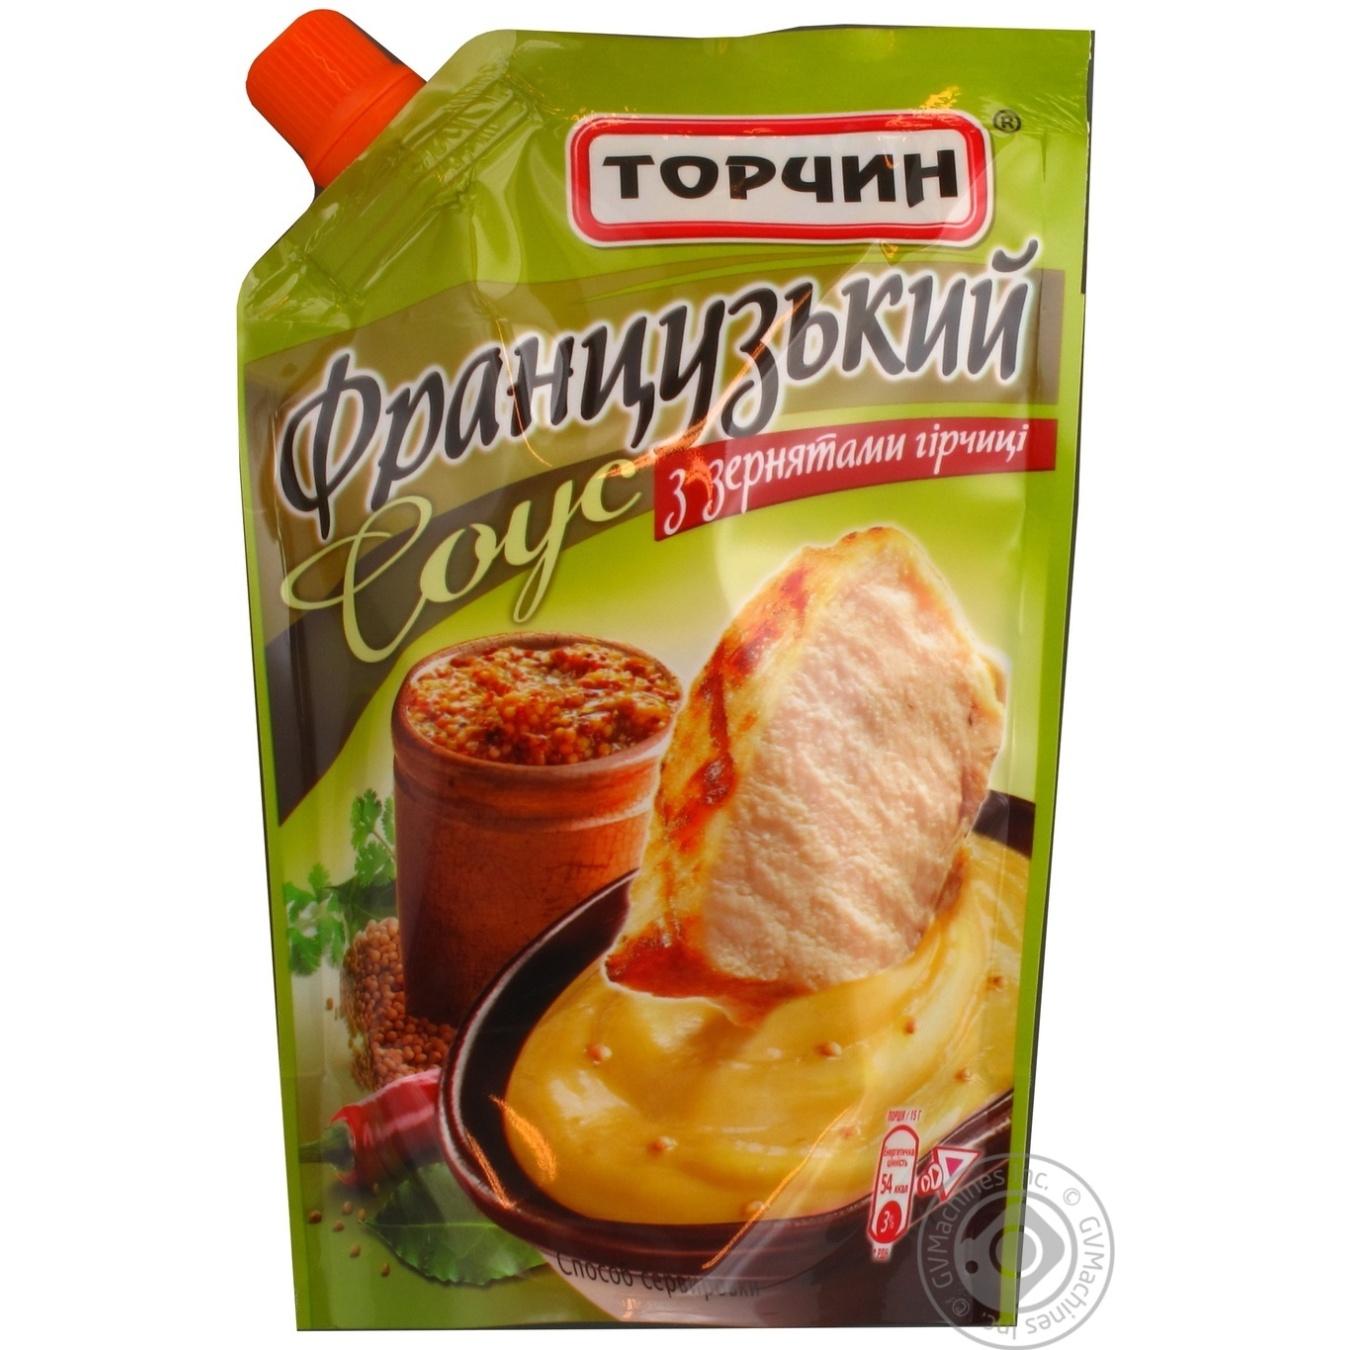 sauce torchin french mustard g doypack ukraine rarr canned food sauce torchin french mustard 230g doypack ukraine